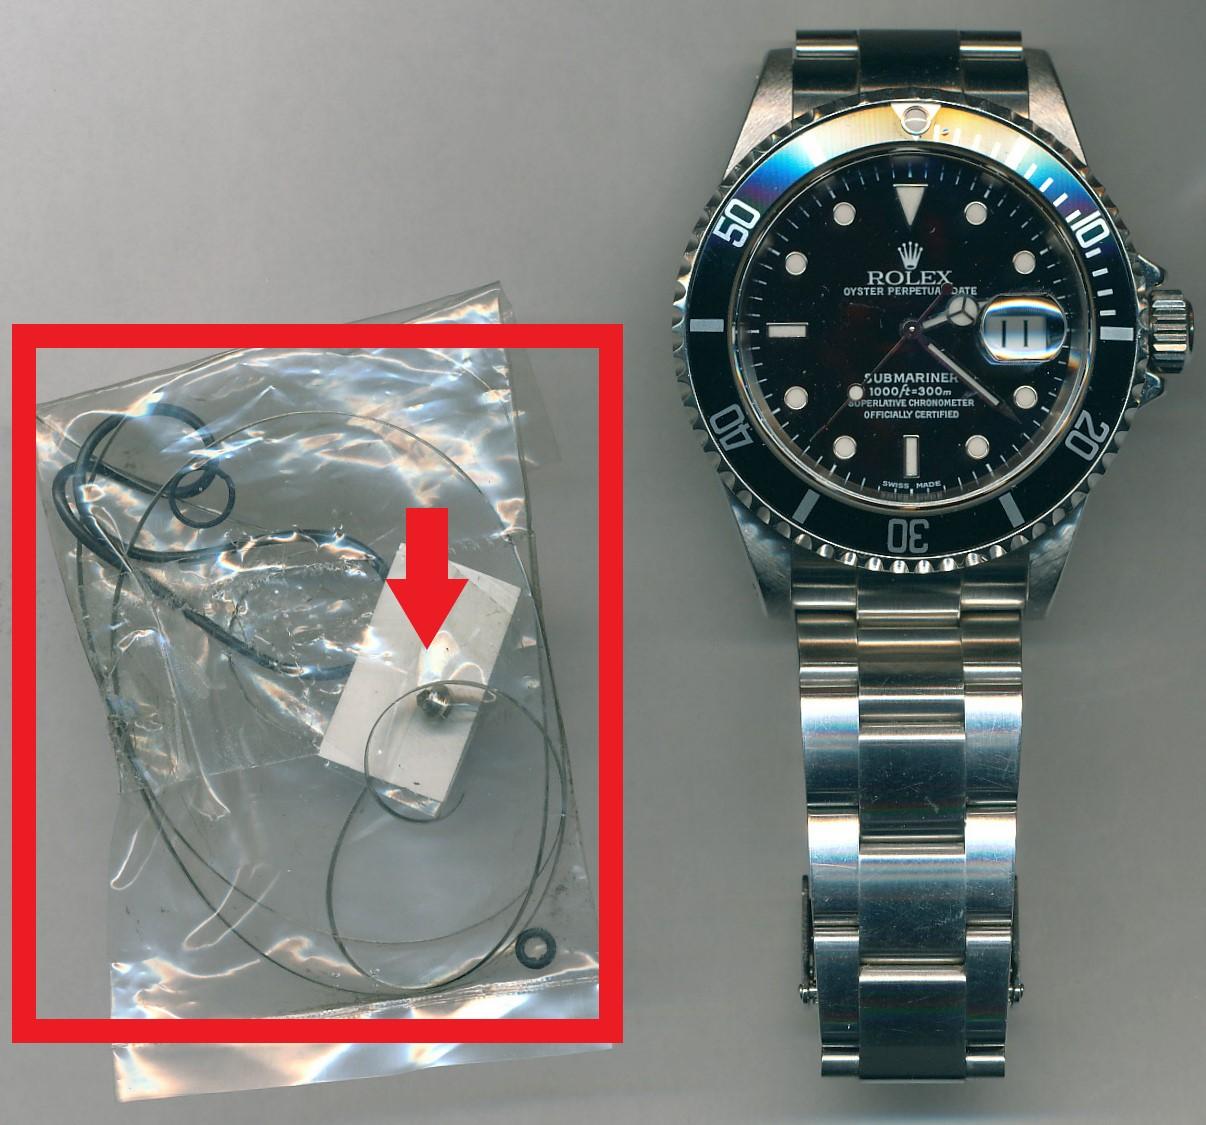 ロレックス(ROLEX)サブマリーナ(Rif.16610)のオーバーホール・ゼンマイ交換・香箱芯交換・パッキン交換を承らせて頂きました